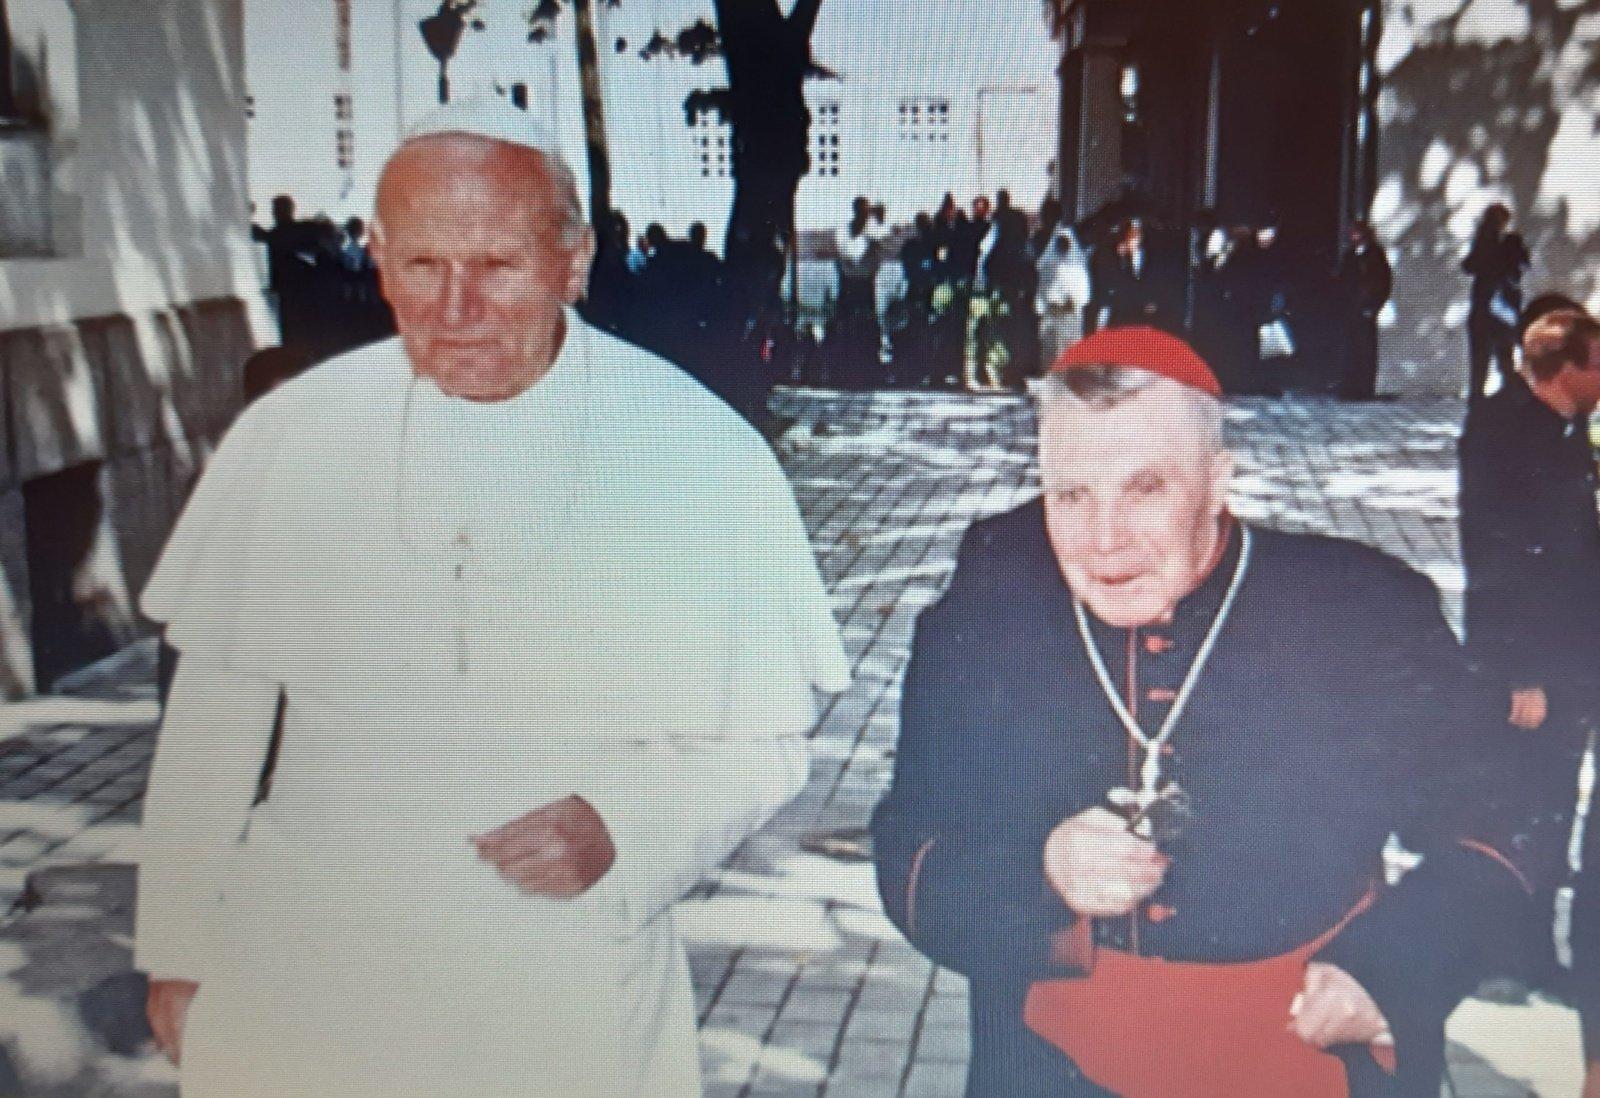 Sekminių šv. Mišiose pagerbė kardinolą V. Sladkevičių